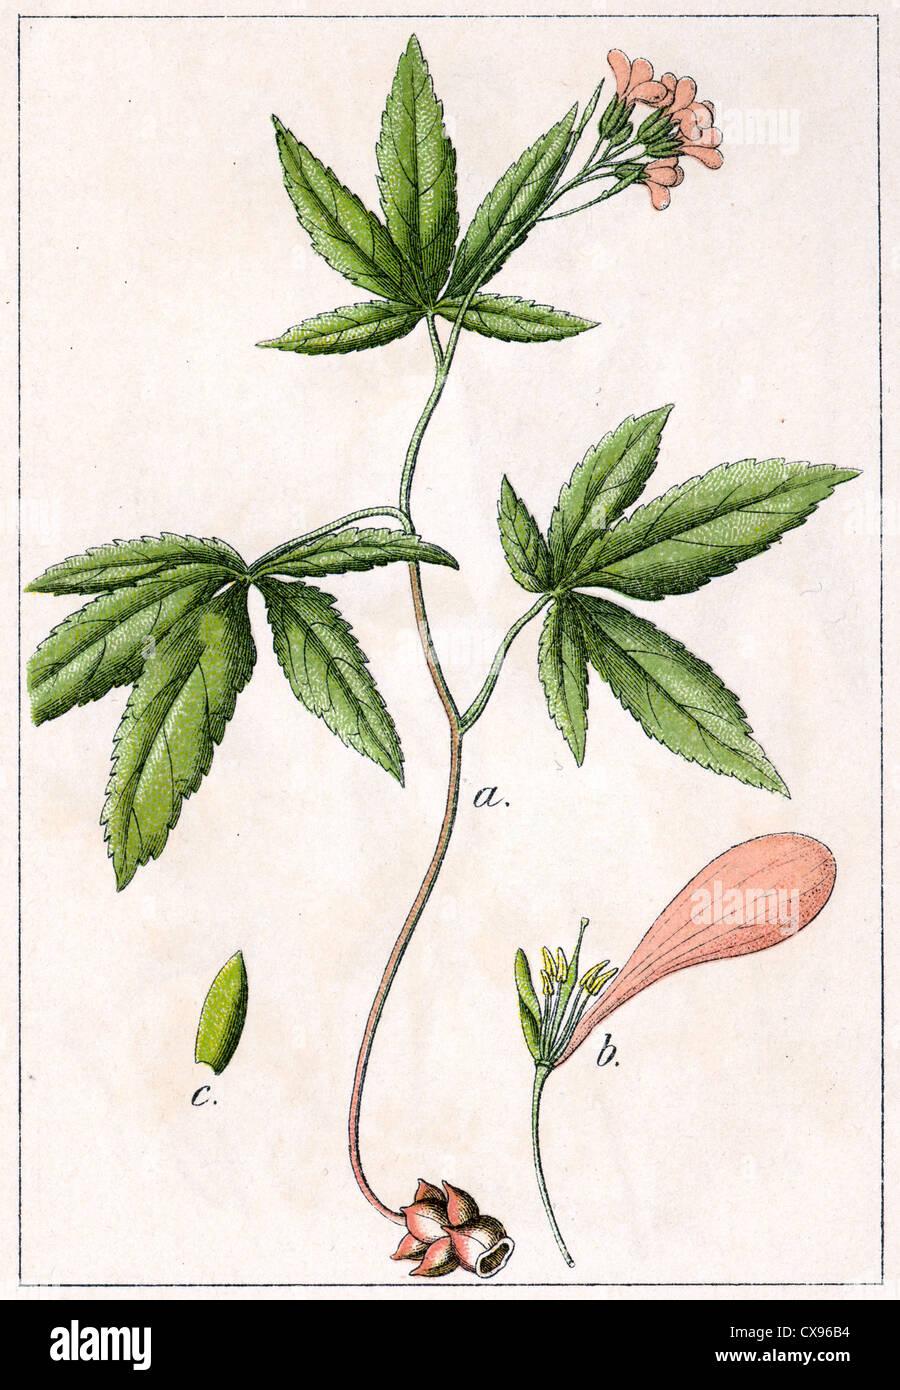 Crucifera pentaphylla - Stock Image